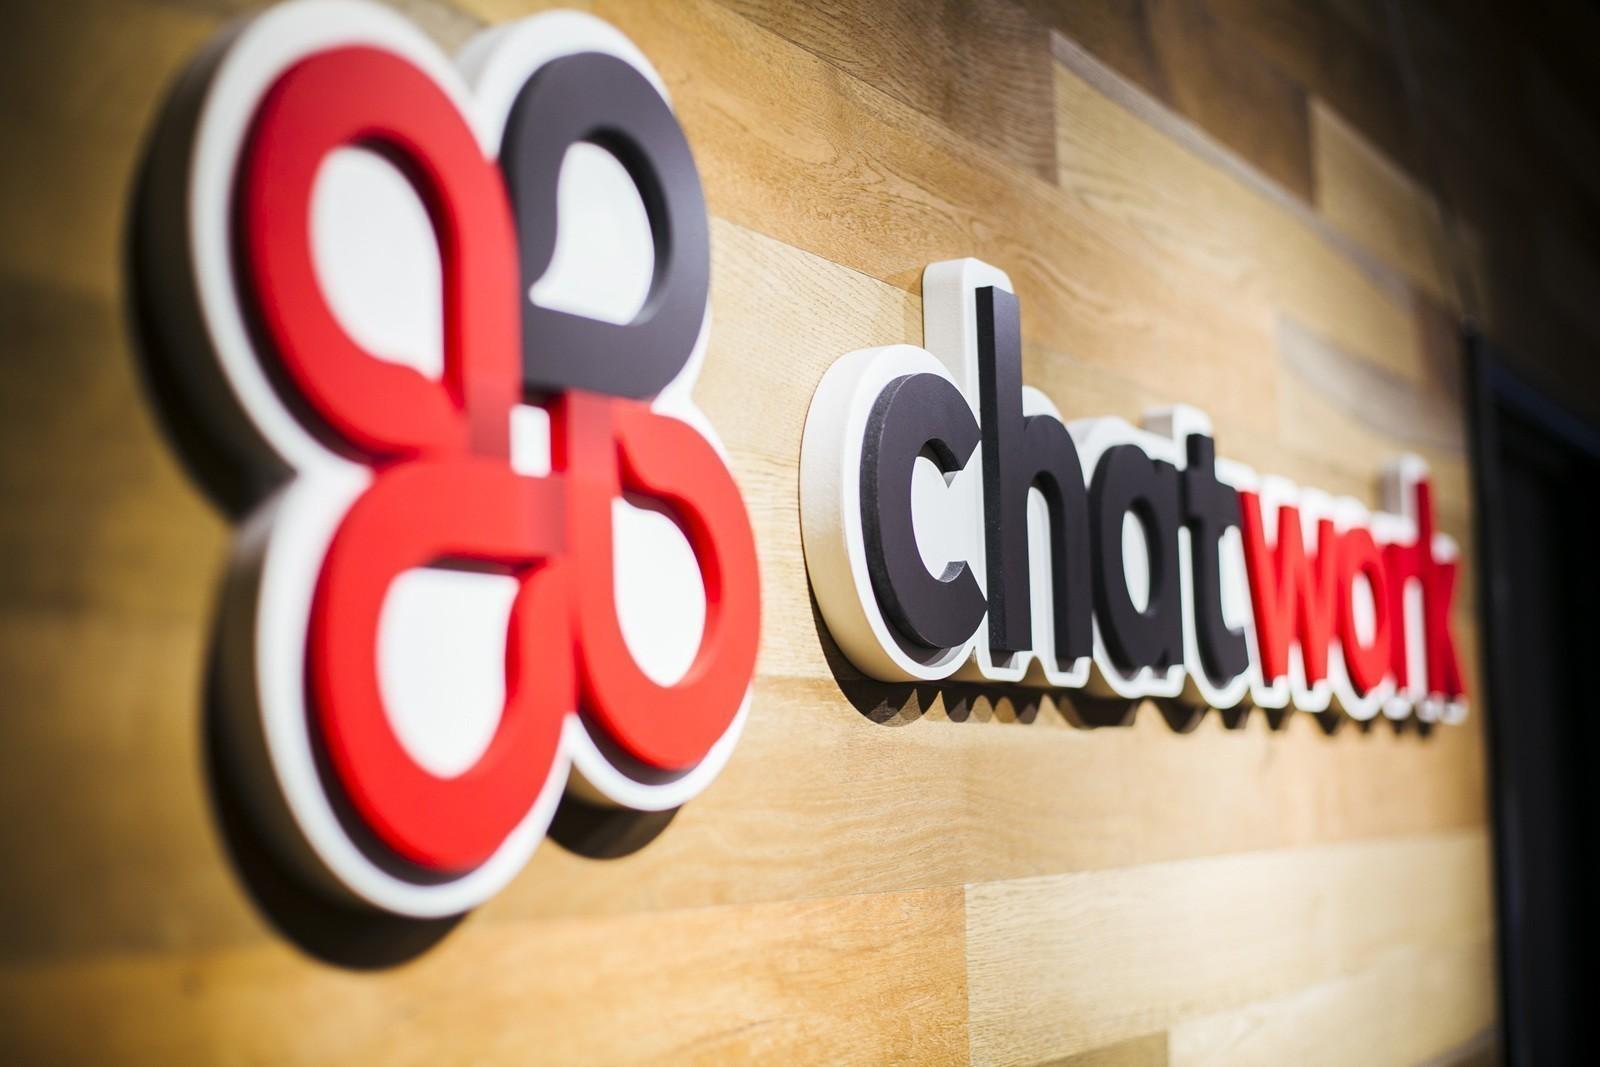 「ChatWork」でAWSインフラエンジニアを募集!!【導入企業数17万社以上】【18億円資金調達完了】